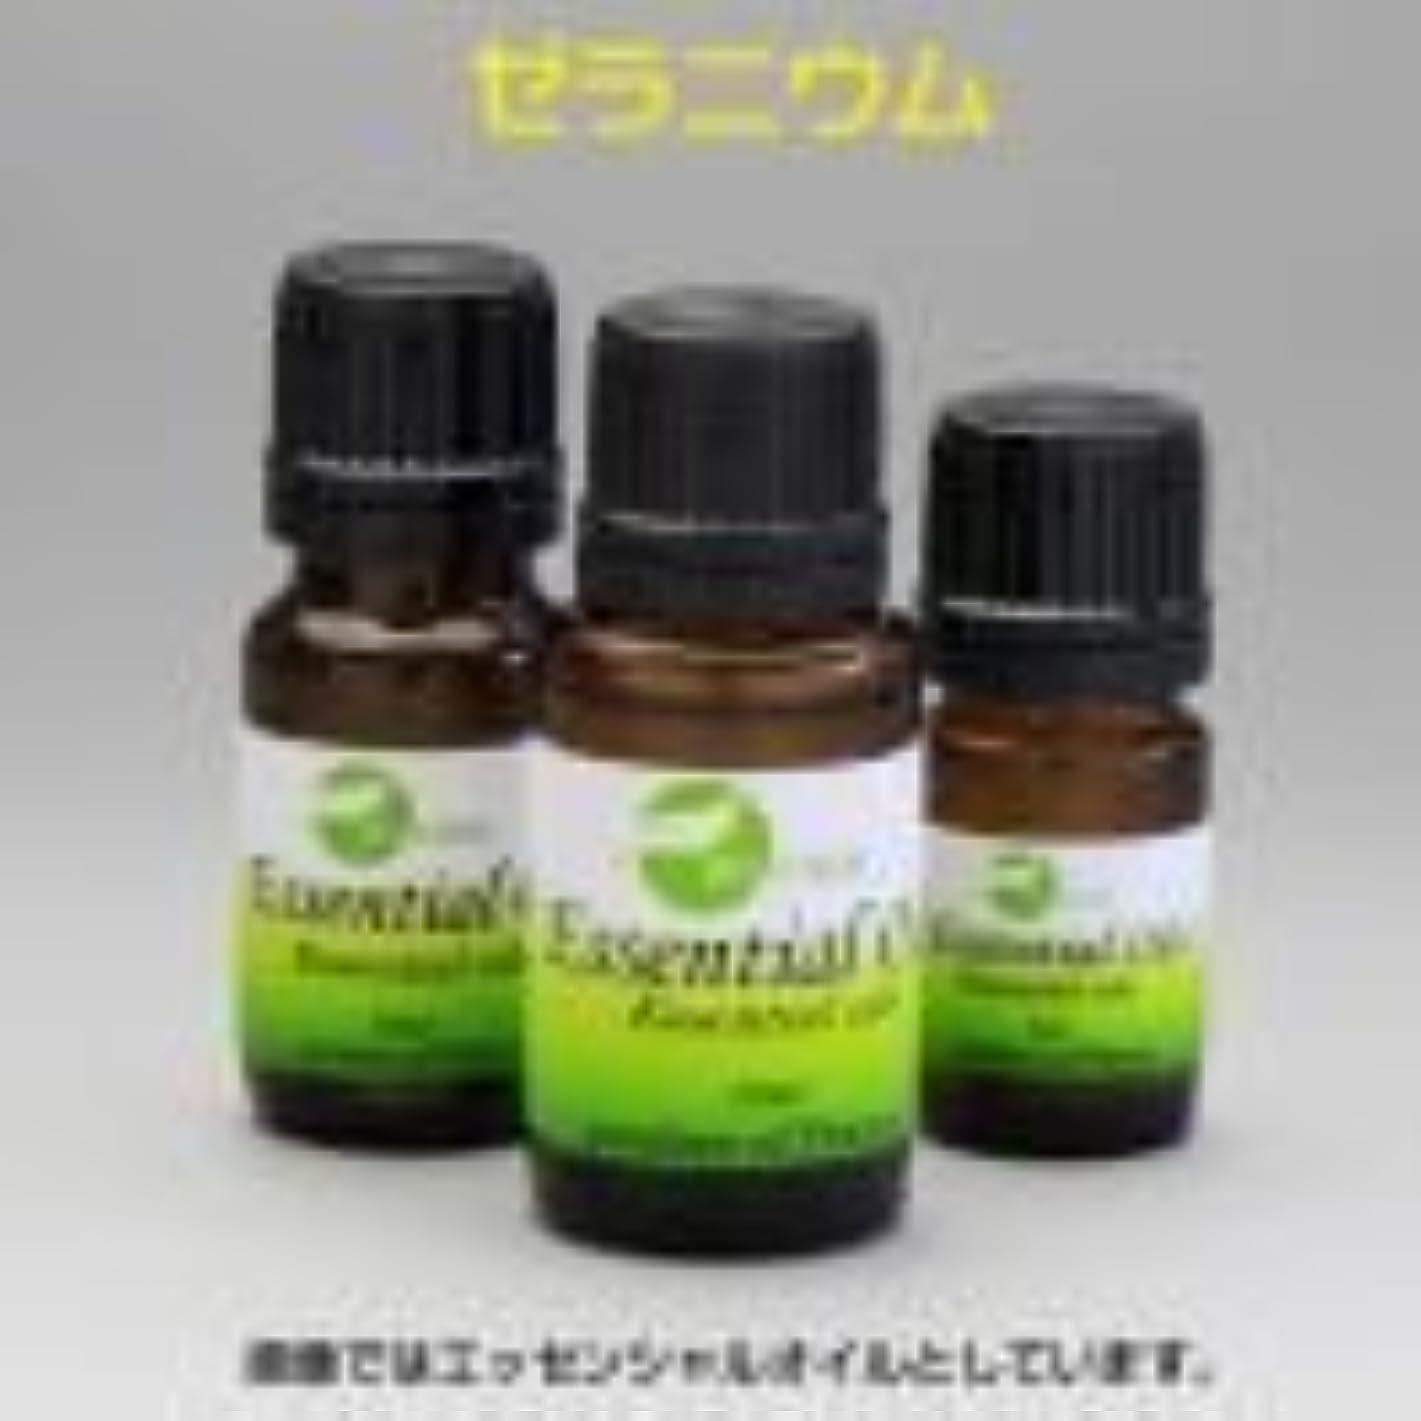 貸し手コミュニケーションブースト[エッセンシャルオイル] フローラルな芳香の中にミントの香り ゼラニウム 15ml